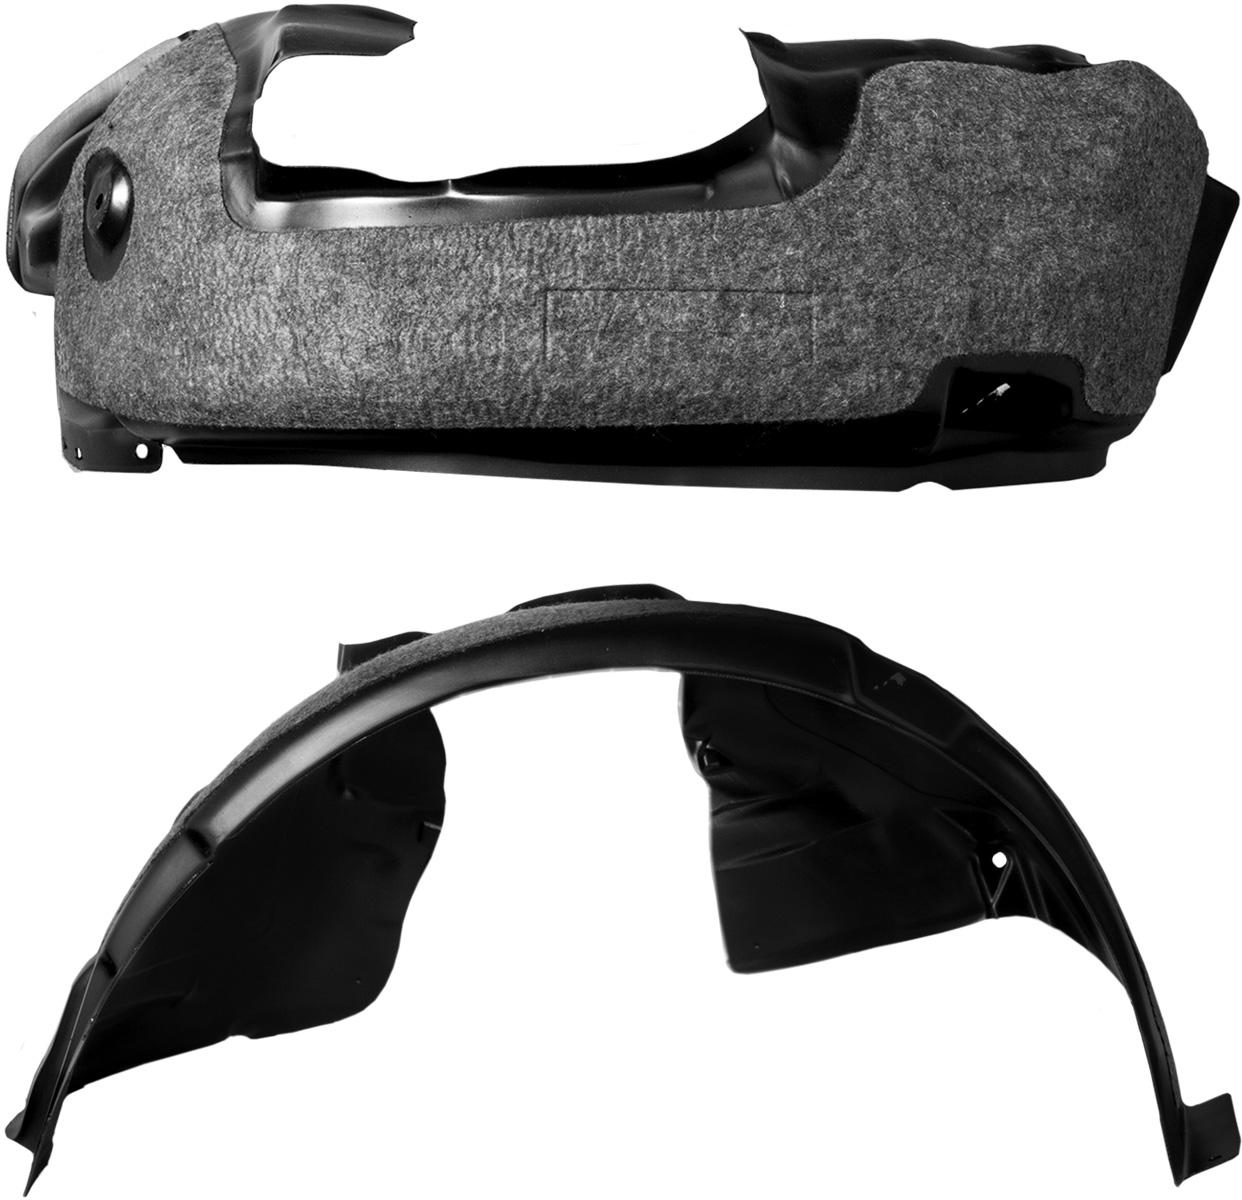 Подкрылок с шумоизоляцией Novline-Autofamily, для Peugeot Boxer, 08/2014 ->, без/с расширителями арок (задний правый)CLP446Подкрылок с шумоизоляцией - революционный продукт, совмещающий в себе все достоинства обычного подкрылка, и в то же время являющийся одним из наиболее эффективных средств борьбы с внешним шумом в салоне автомобиля. Подкрылки бренда Novline-Autofamily разрабатываются индивидуально для каждого автомобиля с использованием метода 3D-сканирования.В качестве шумоизолирующего слоя применяется легкое синтетическое нетканое полотно толщиной 10 мм, которое отталкивает влагу, сохраняет свои шумоизоляционные свойства на протяжении всего периода эксплуатации.Подкрылки с шумоизоляцией не имеют эксплуатационных ограничений и устанавливаются один раз на весь срок службы автомобиля.Подкрылки с шумоизоляцией не имеют аналогов и являются российским изобретением, получившим признание во всём мире. Уважаемые клиенты! Обращаем ваше внимание, фото может не полностью соответствовать оригиналу.